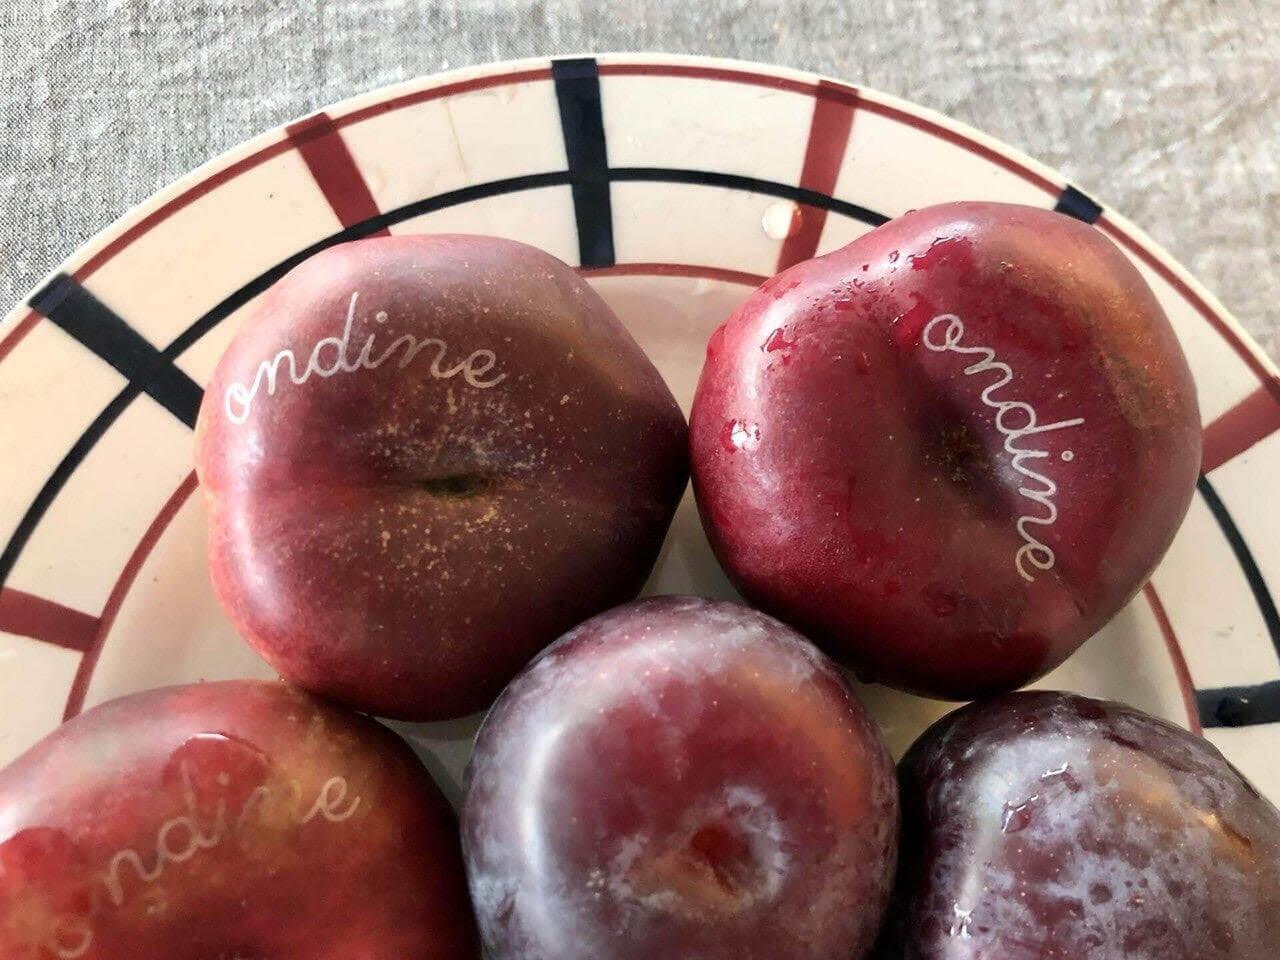 欧州最新情報「果物にタトゥー!?ゴミ問題へのフランスでの工夫」